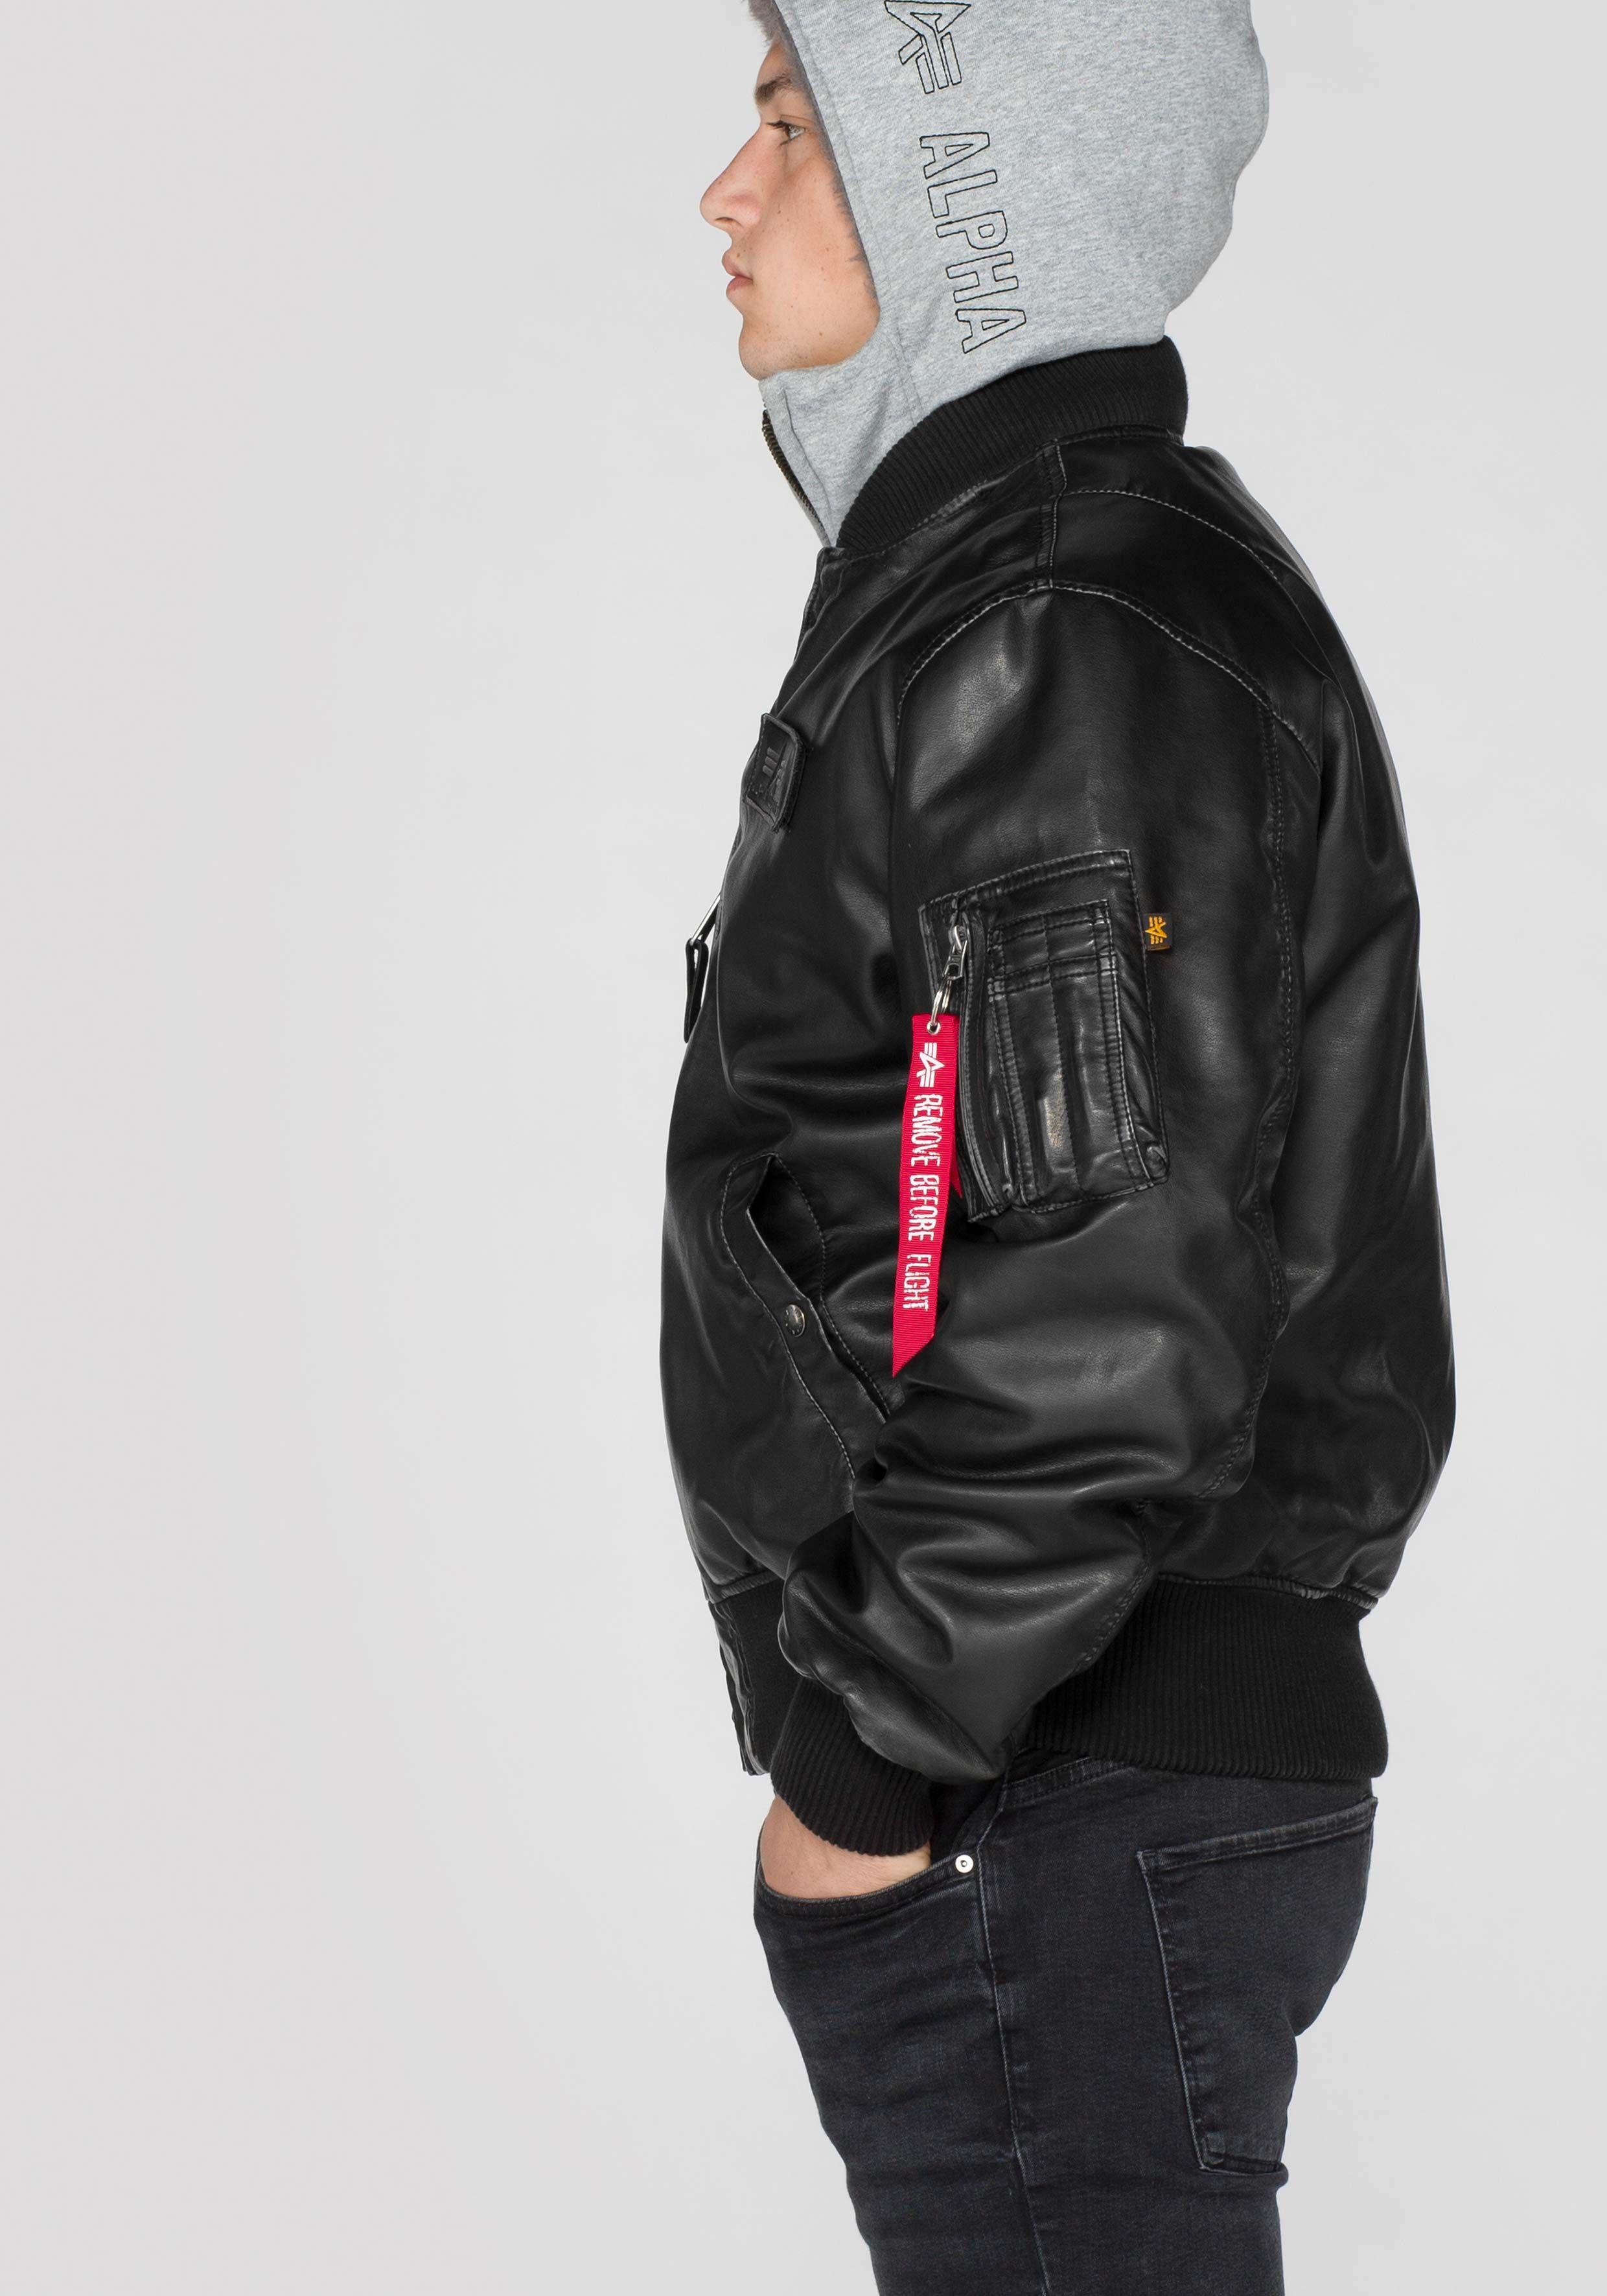 8ff999de1 ALPHA INDUSTRIES MA-1 D-Tec FL jacket | Žieminės striukės / Winter ...